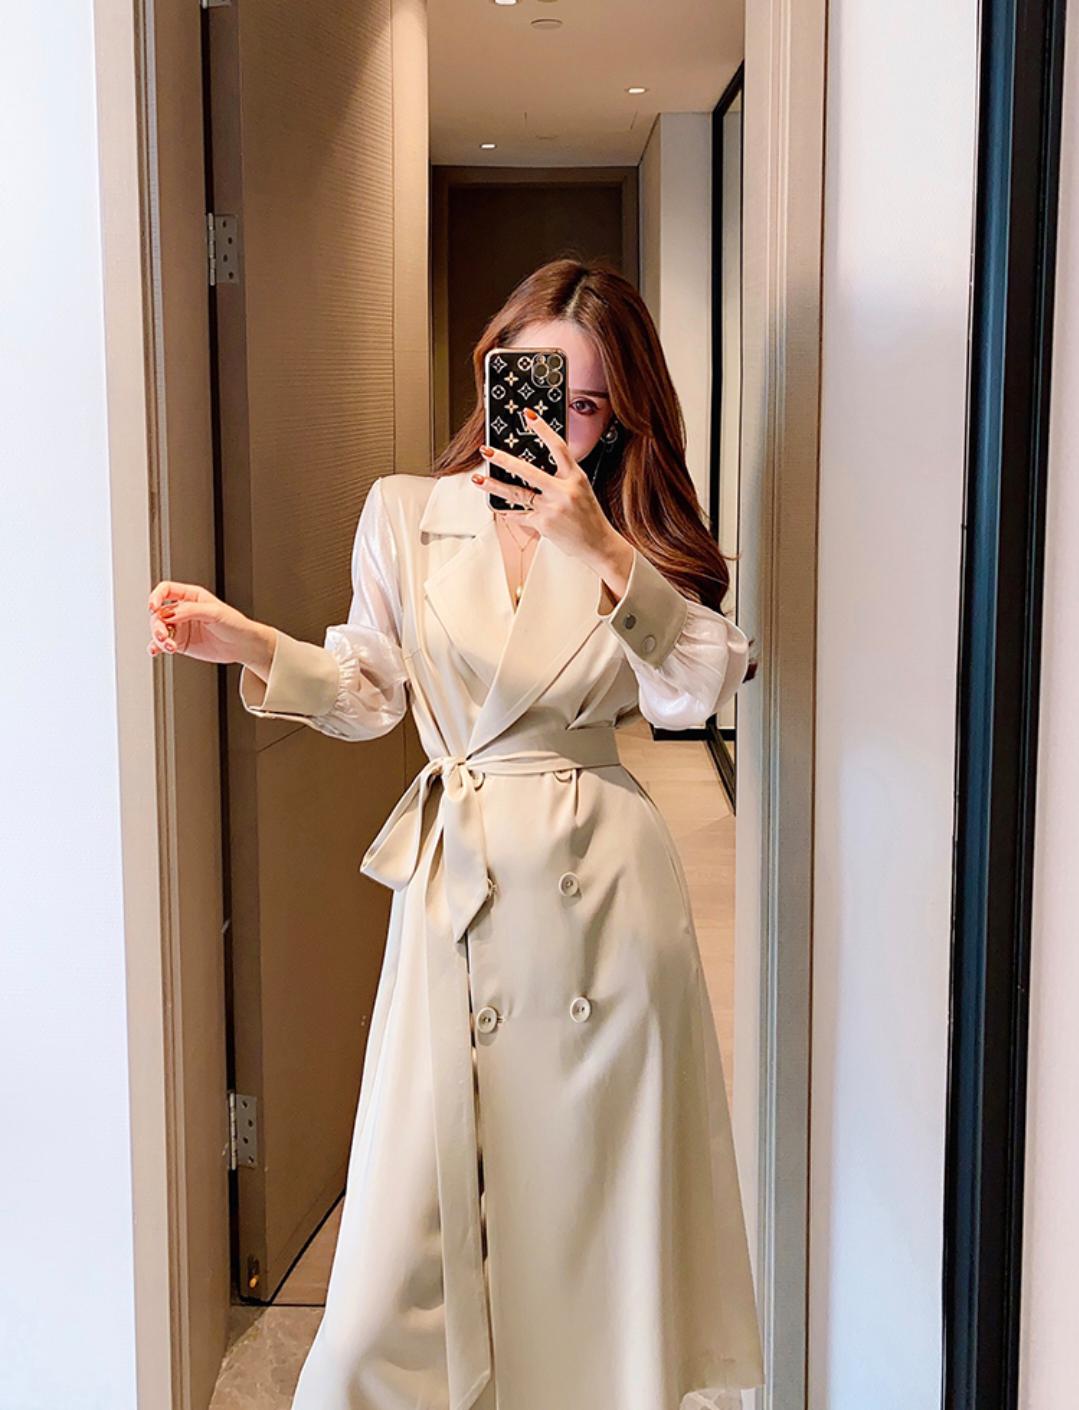 董小姐高端定制风衣女2020新款中长款秋装薄外套欧根纱袖醋酸大衣-衣佐衣依-